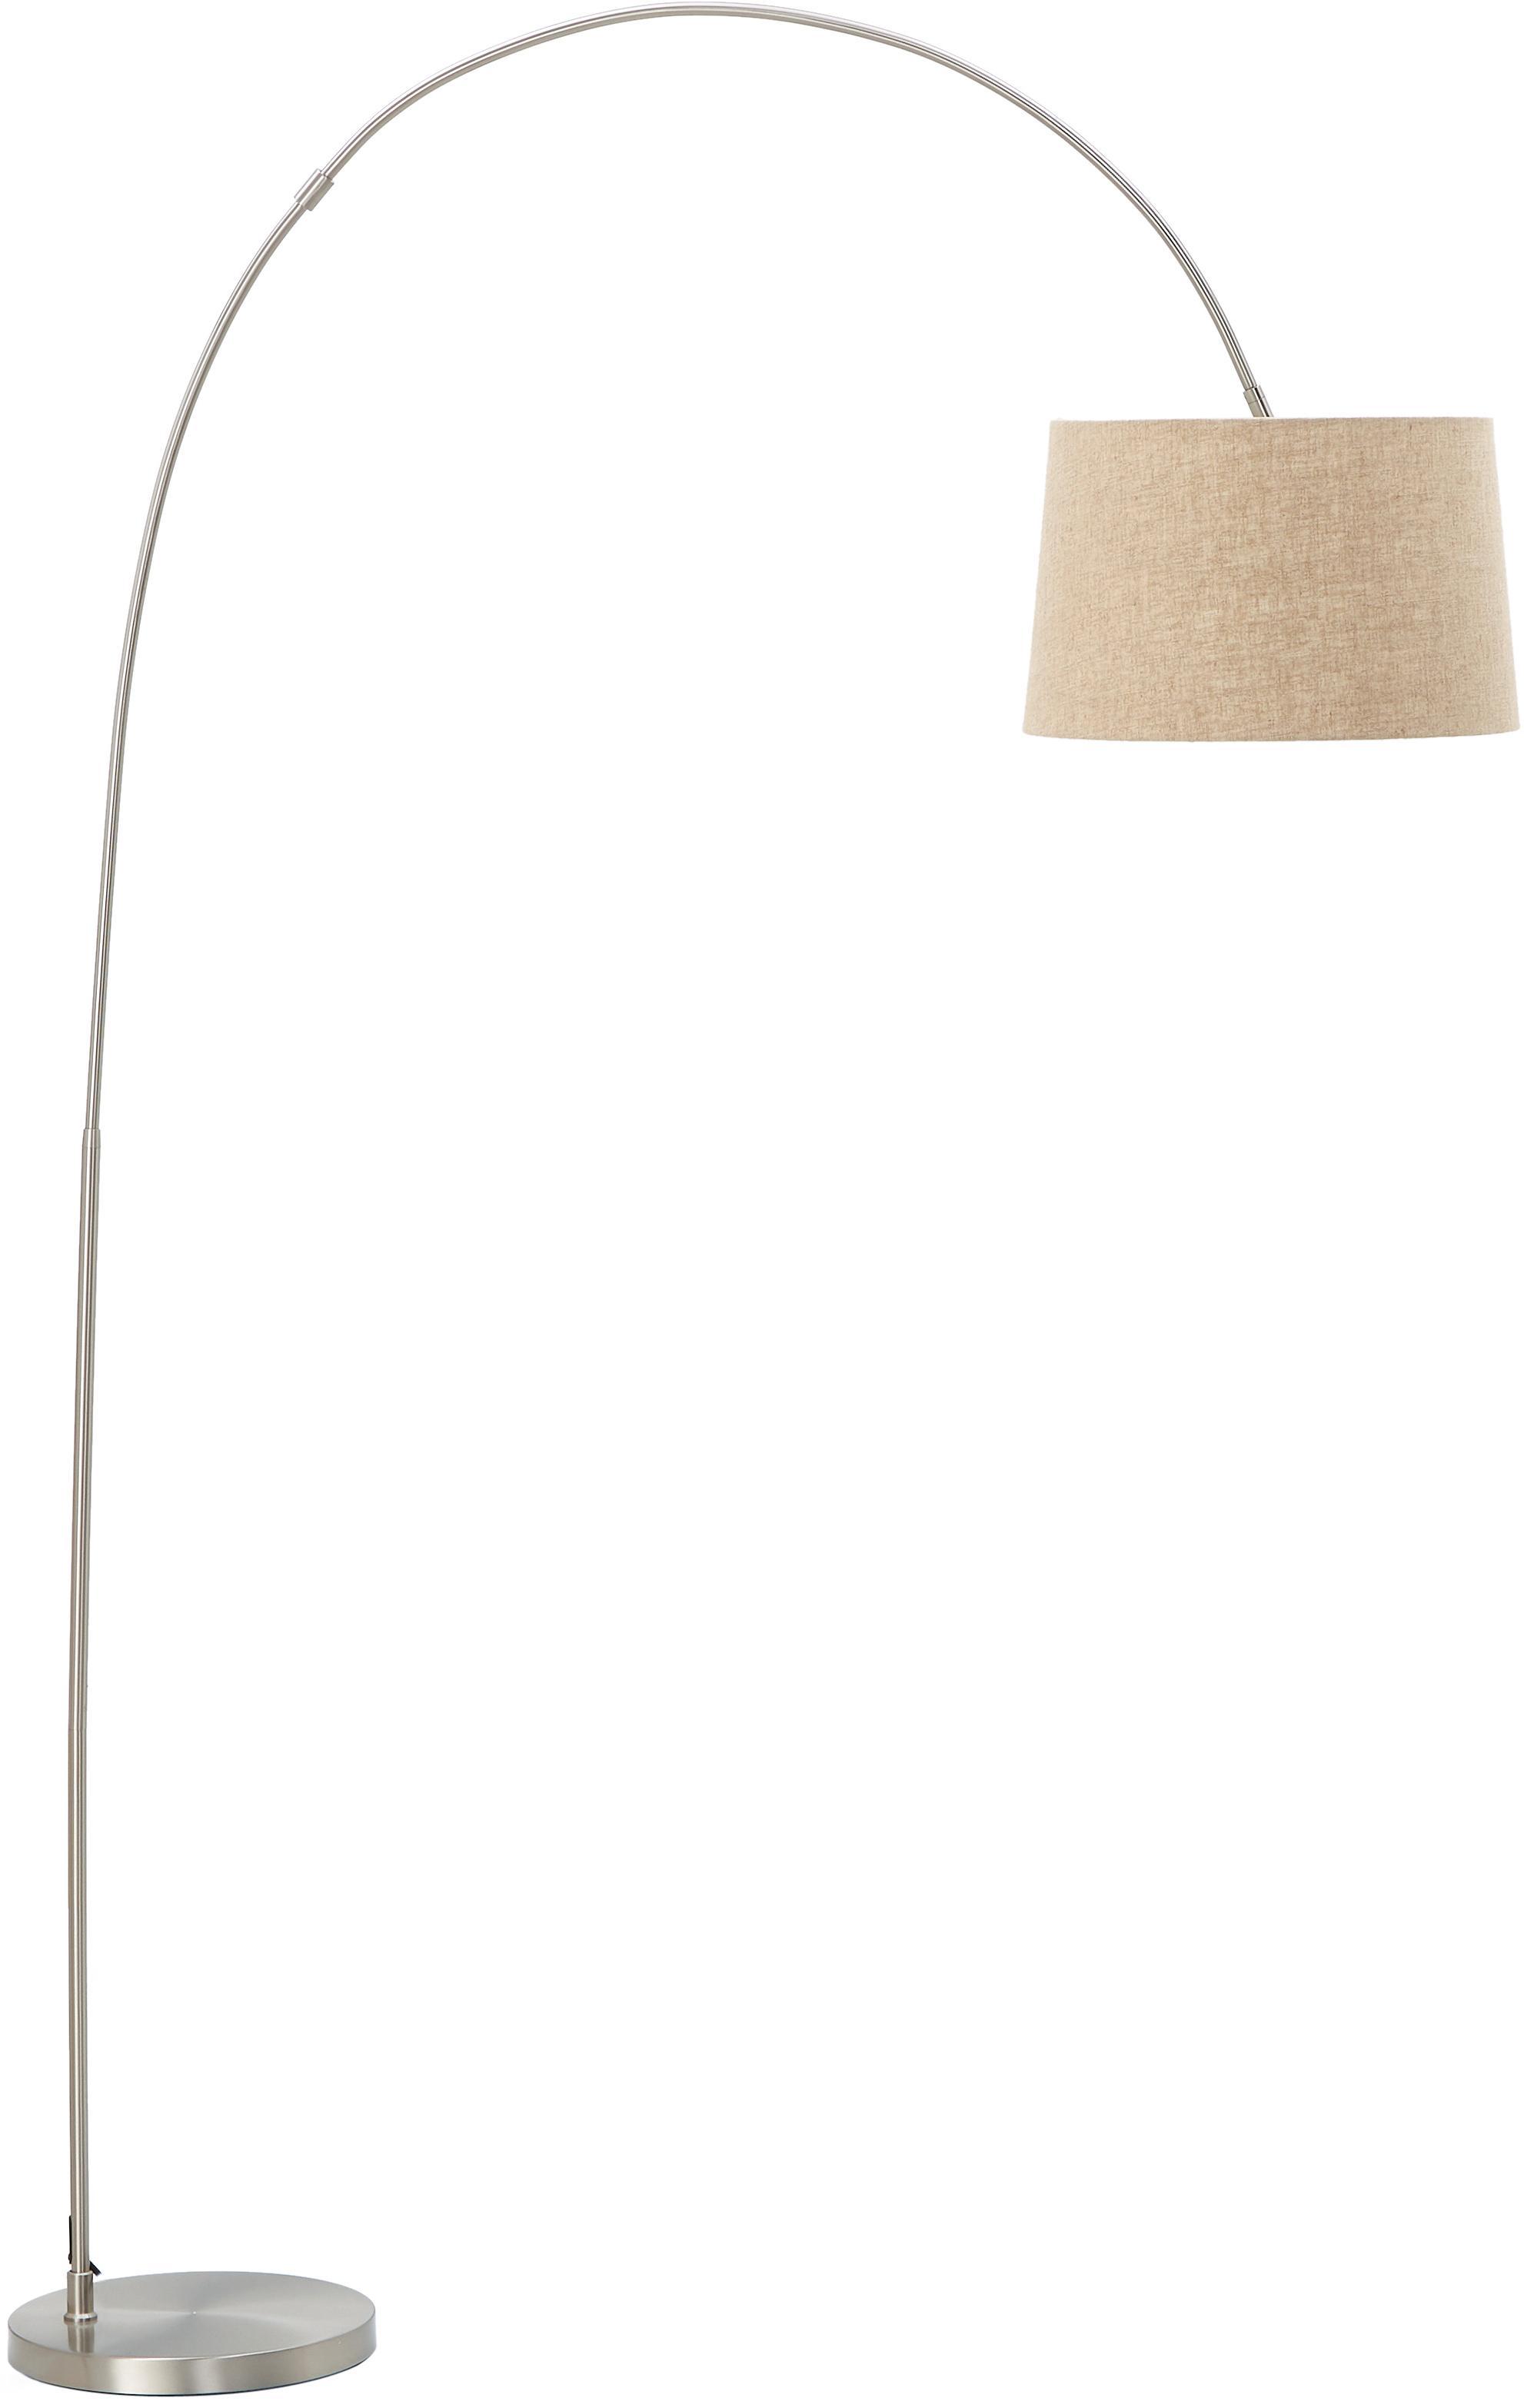 Bogenlampe Laurence mit Baumwollschirm, Lampenschirm: Baumwollgemisch, Lampenfuß: Metall, gebürstet, Beige,Silberfarben, ∅ 40 x H 188 cm